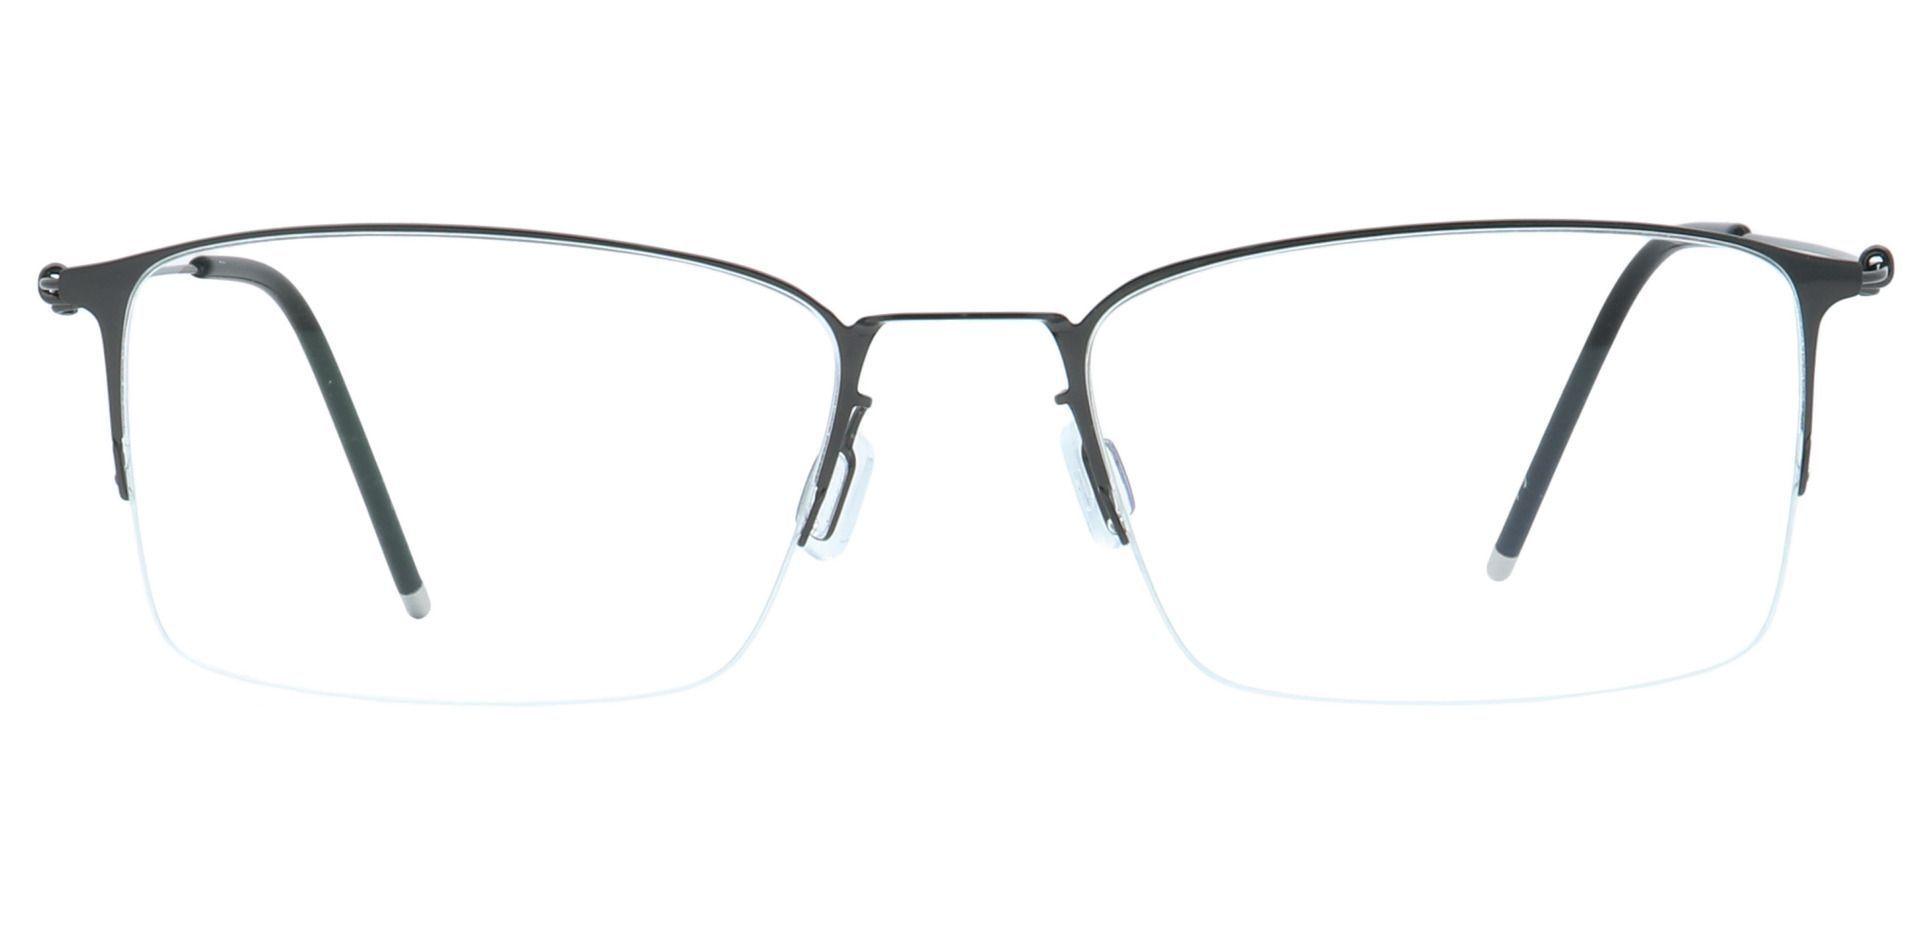 Shaw Square Non-Rx Glasses - Black